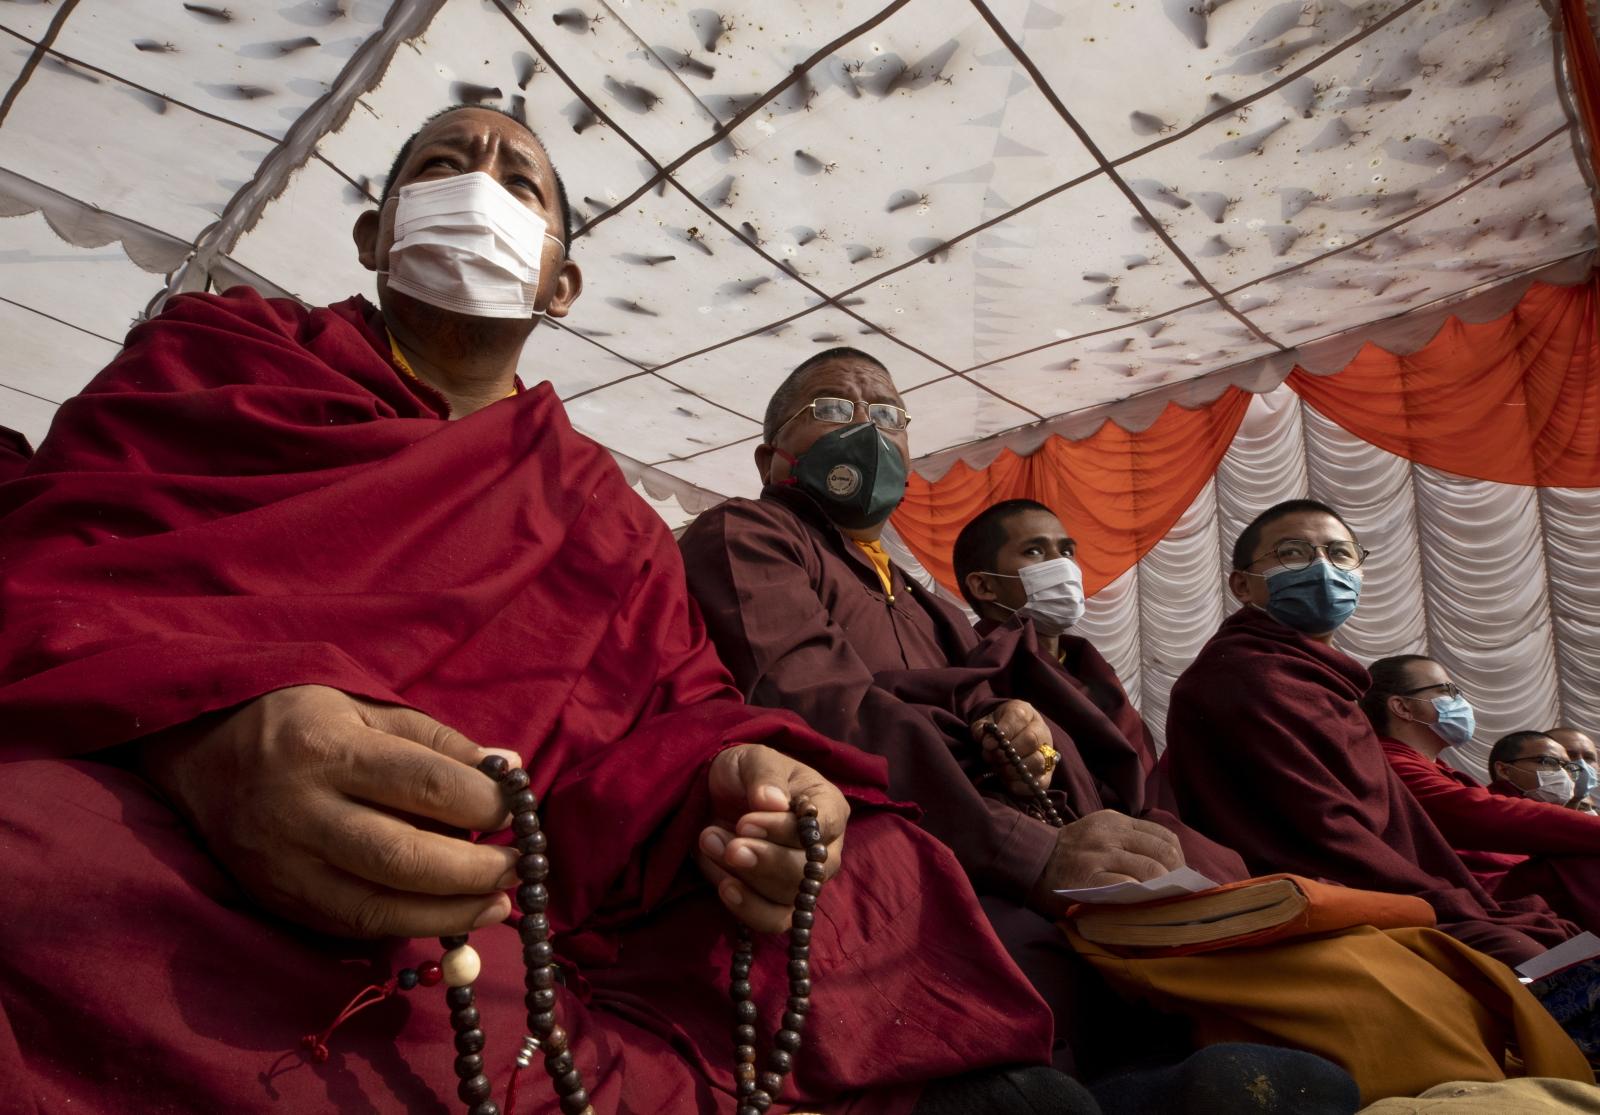 Buddyjscy mnisi z maseczkami, chorniąc się przed koronowirusem. Fot. EPA/NARENDRA SHRESTHA